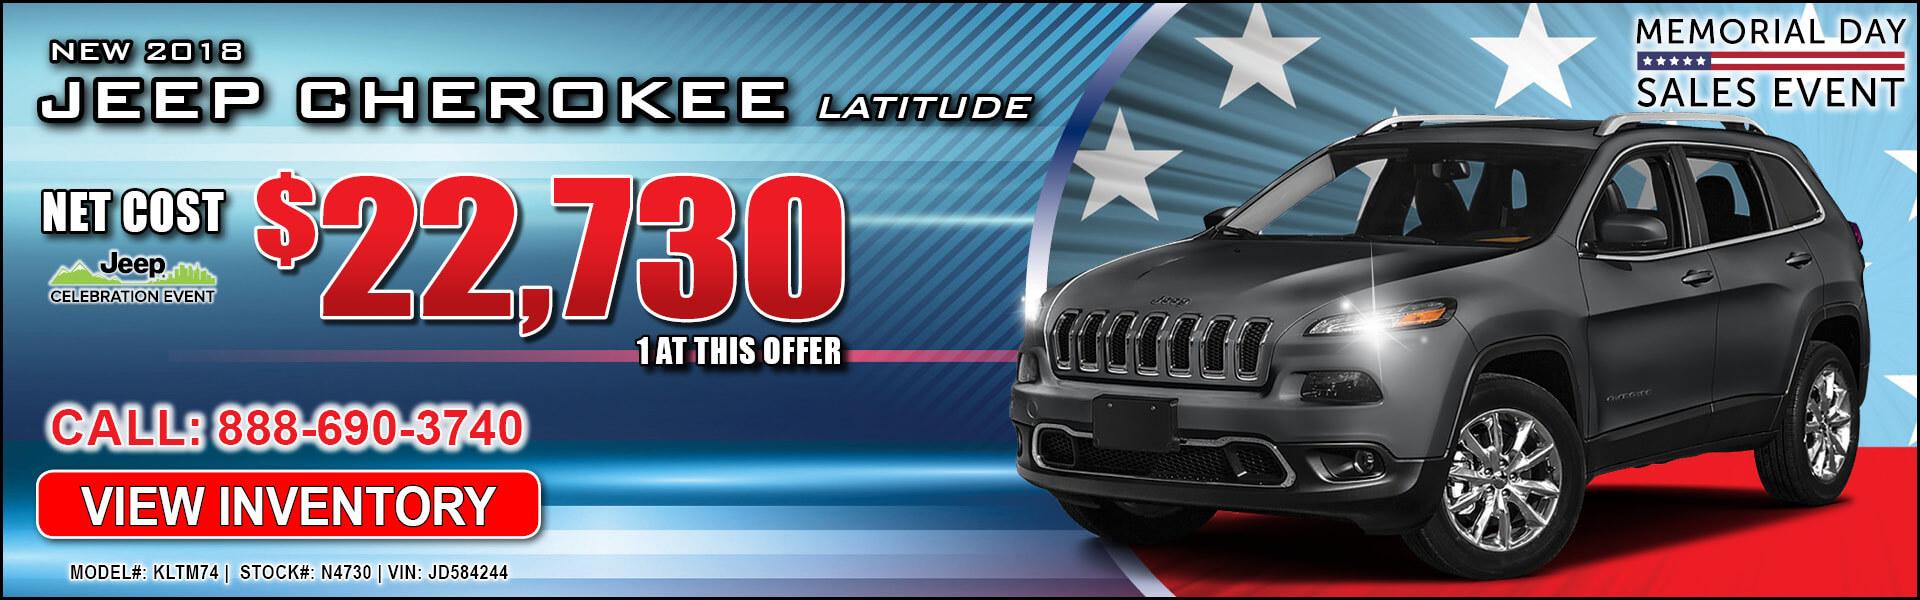 Jeep Cherokee $22,730